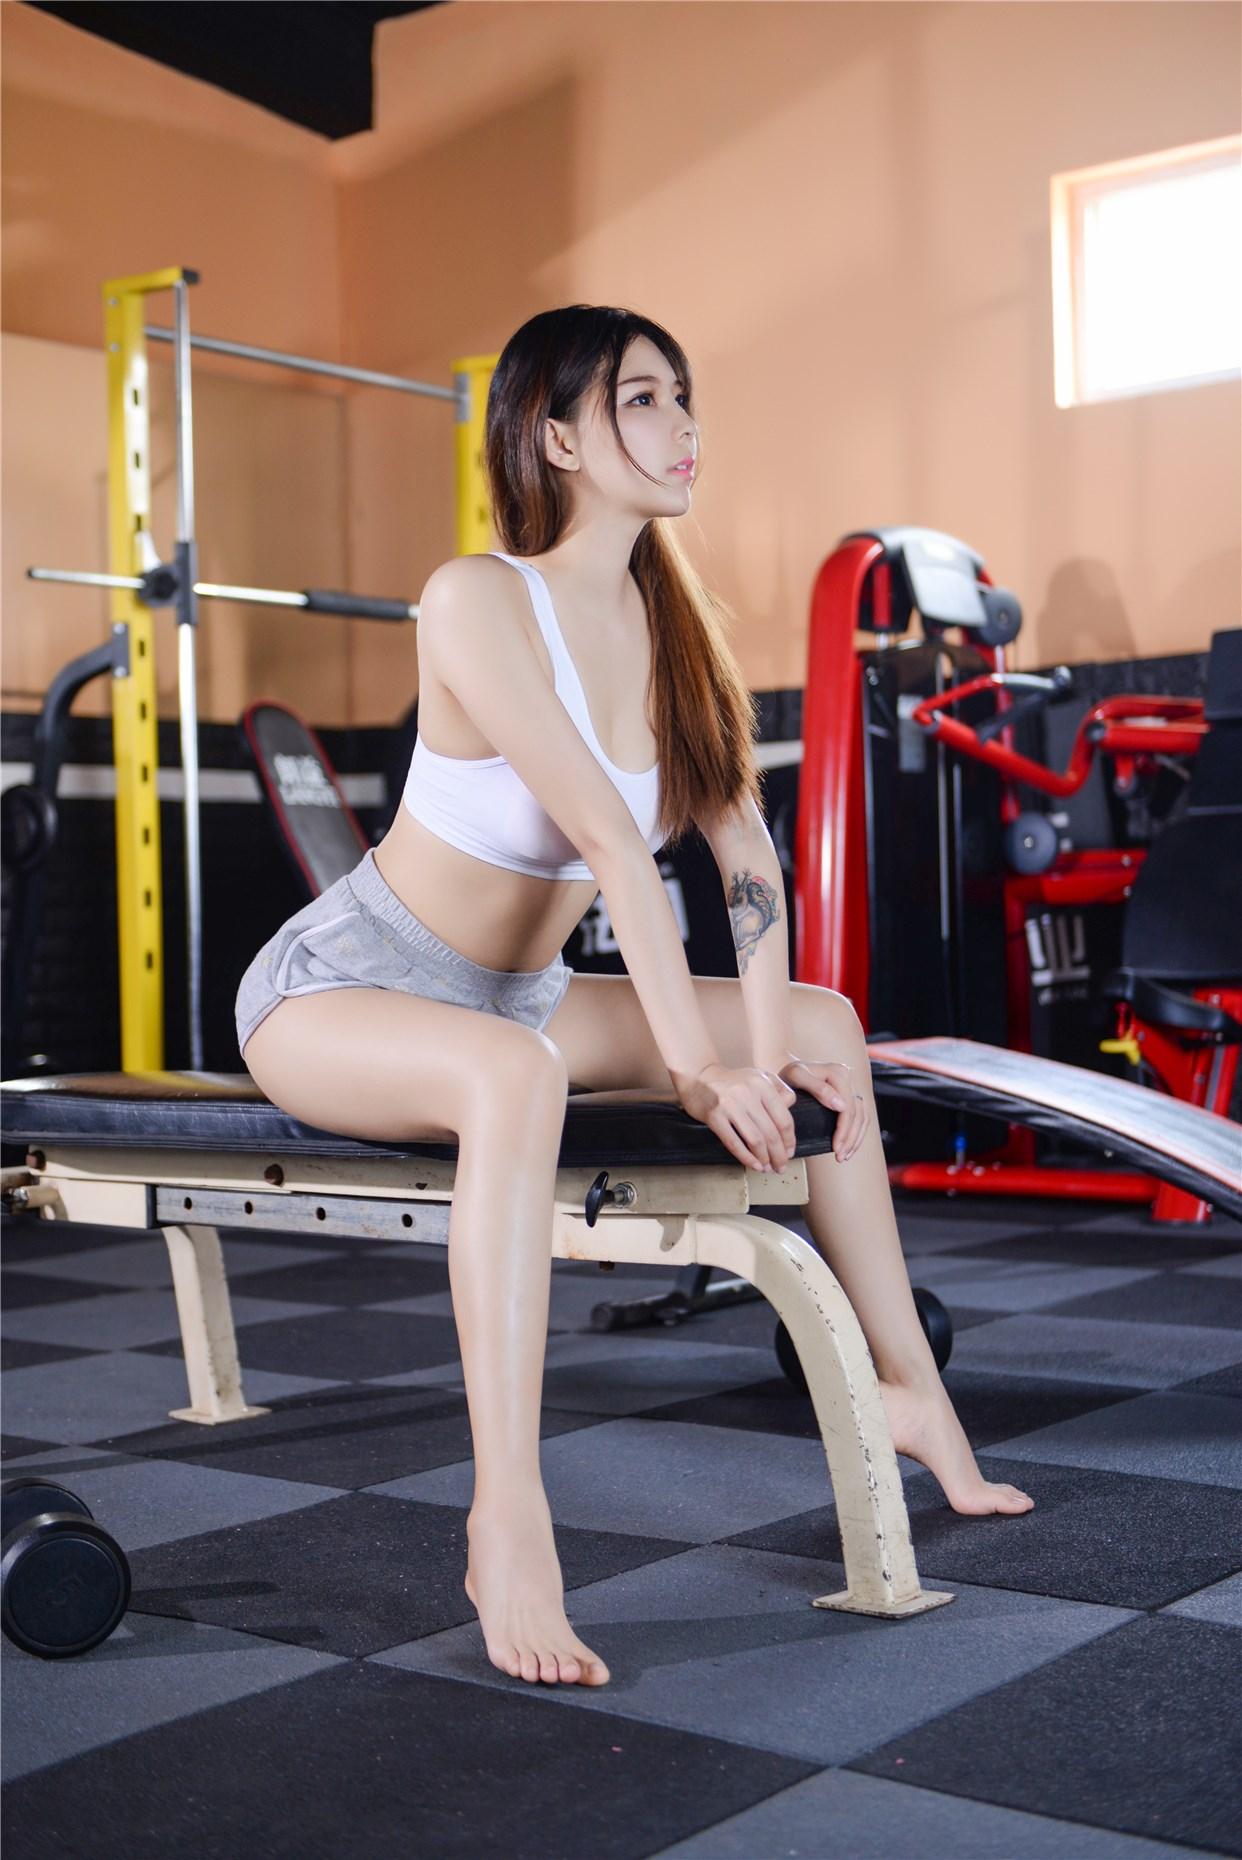 【兔玩映画】健身房的美少女 兔玩映画 第3张